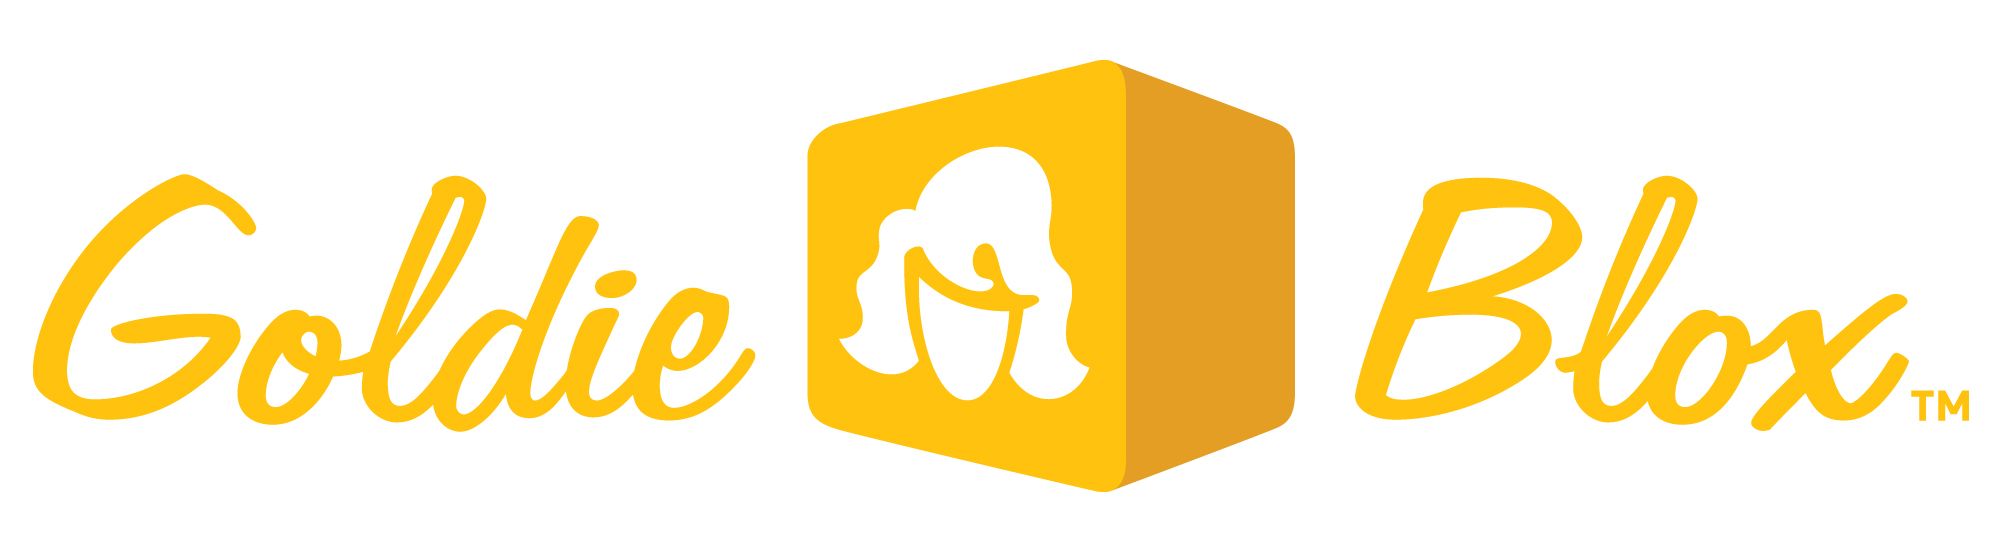 GoldieBlox Logo